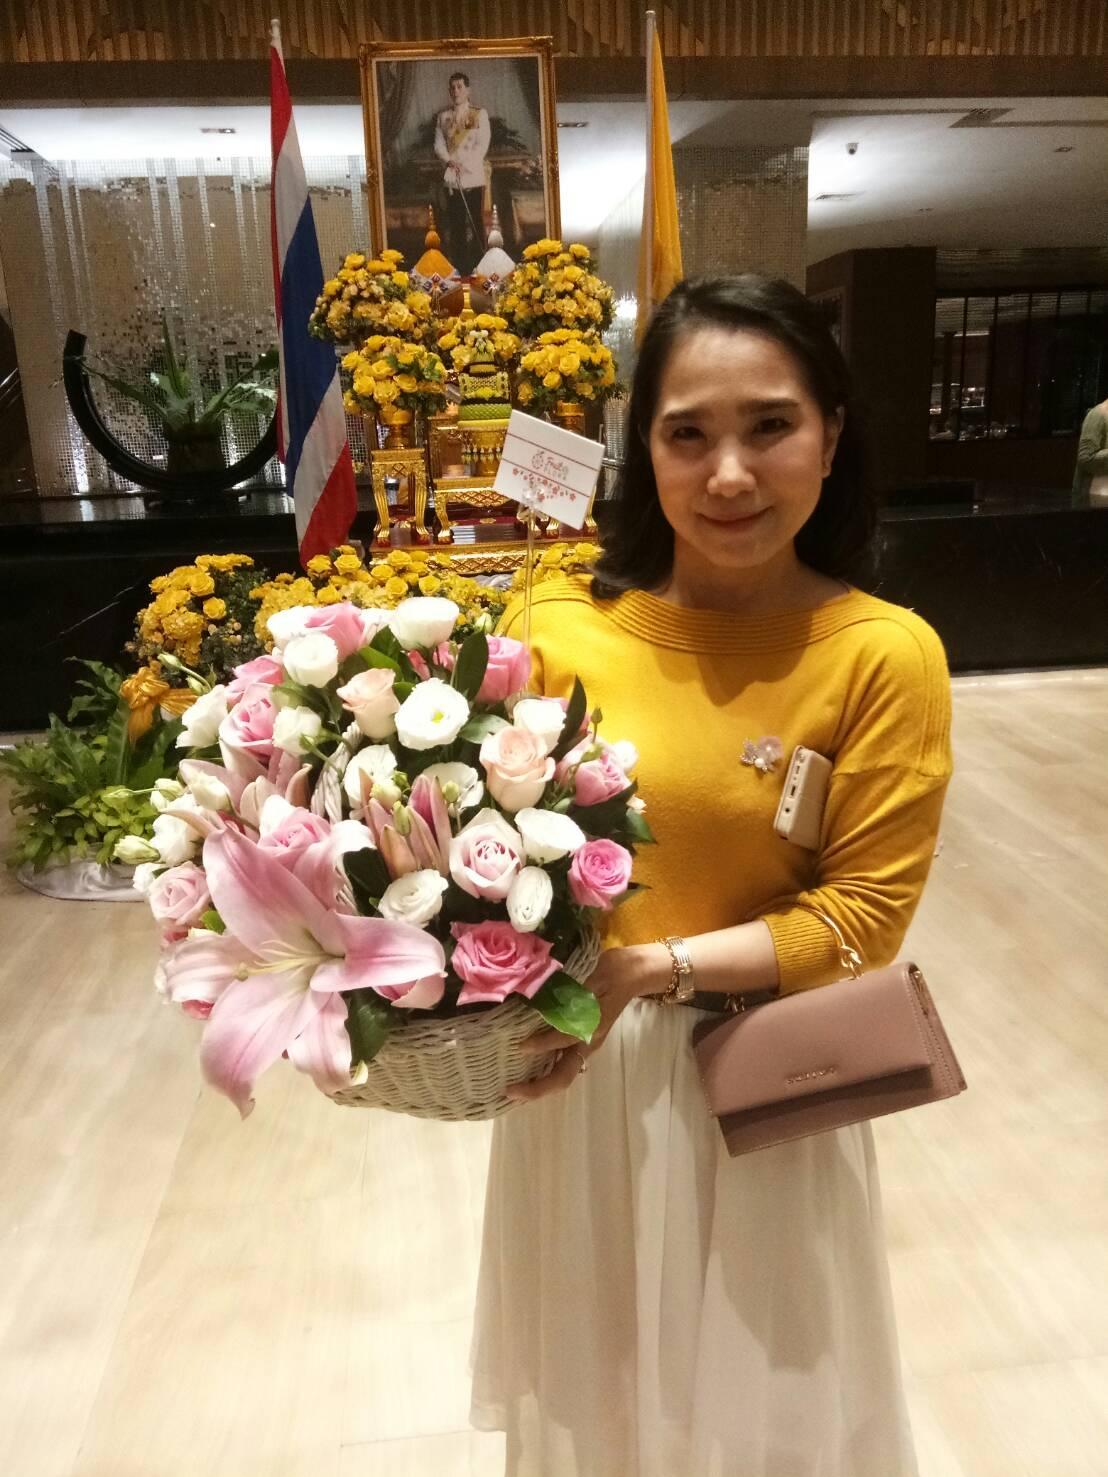 ดอกกุหลาบ ดอกลิลลี่ และดอกคาร์เนชั่น ถูกจัดรวมไว้อย่างสวยงามในกระเช้า มอบให้แก่คนพิเศษ